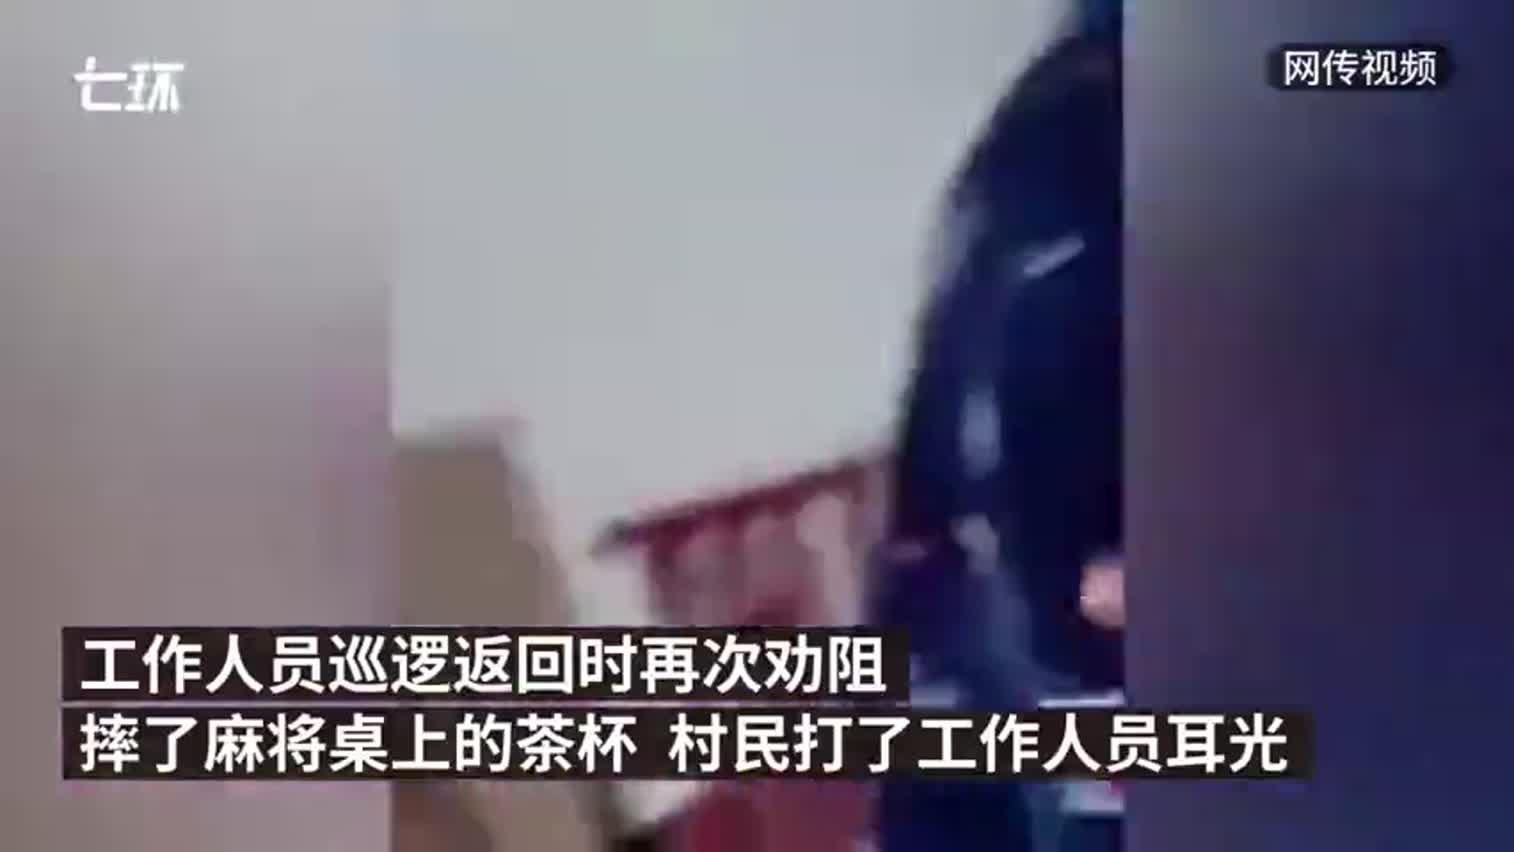 视频-在家打麻将村民和防疫员冲突 乡长登门道歉